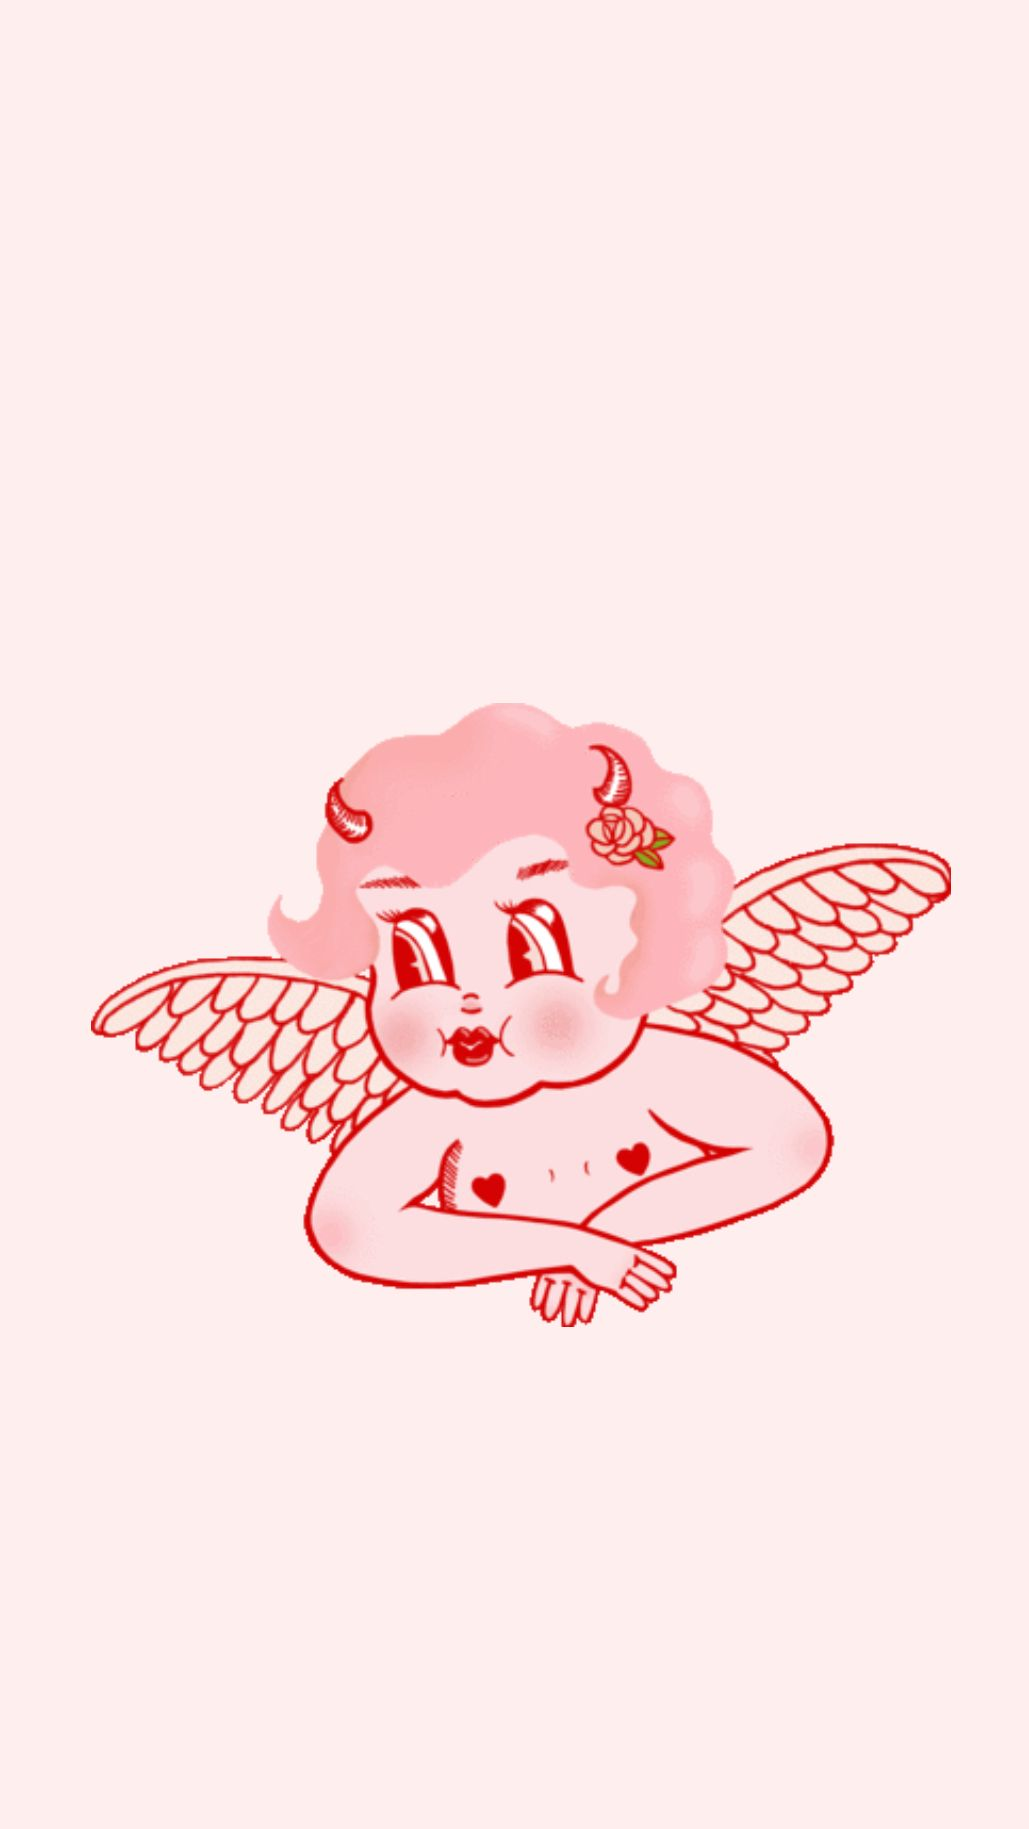 ゆめかわ壁紙 おしゃれまとめの人気アイデア Pinterest 織茂律香